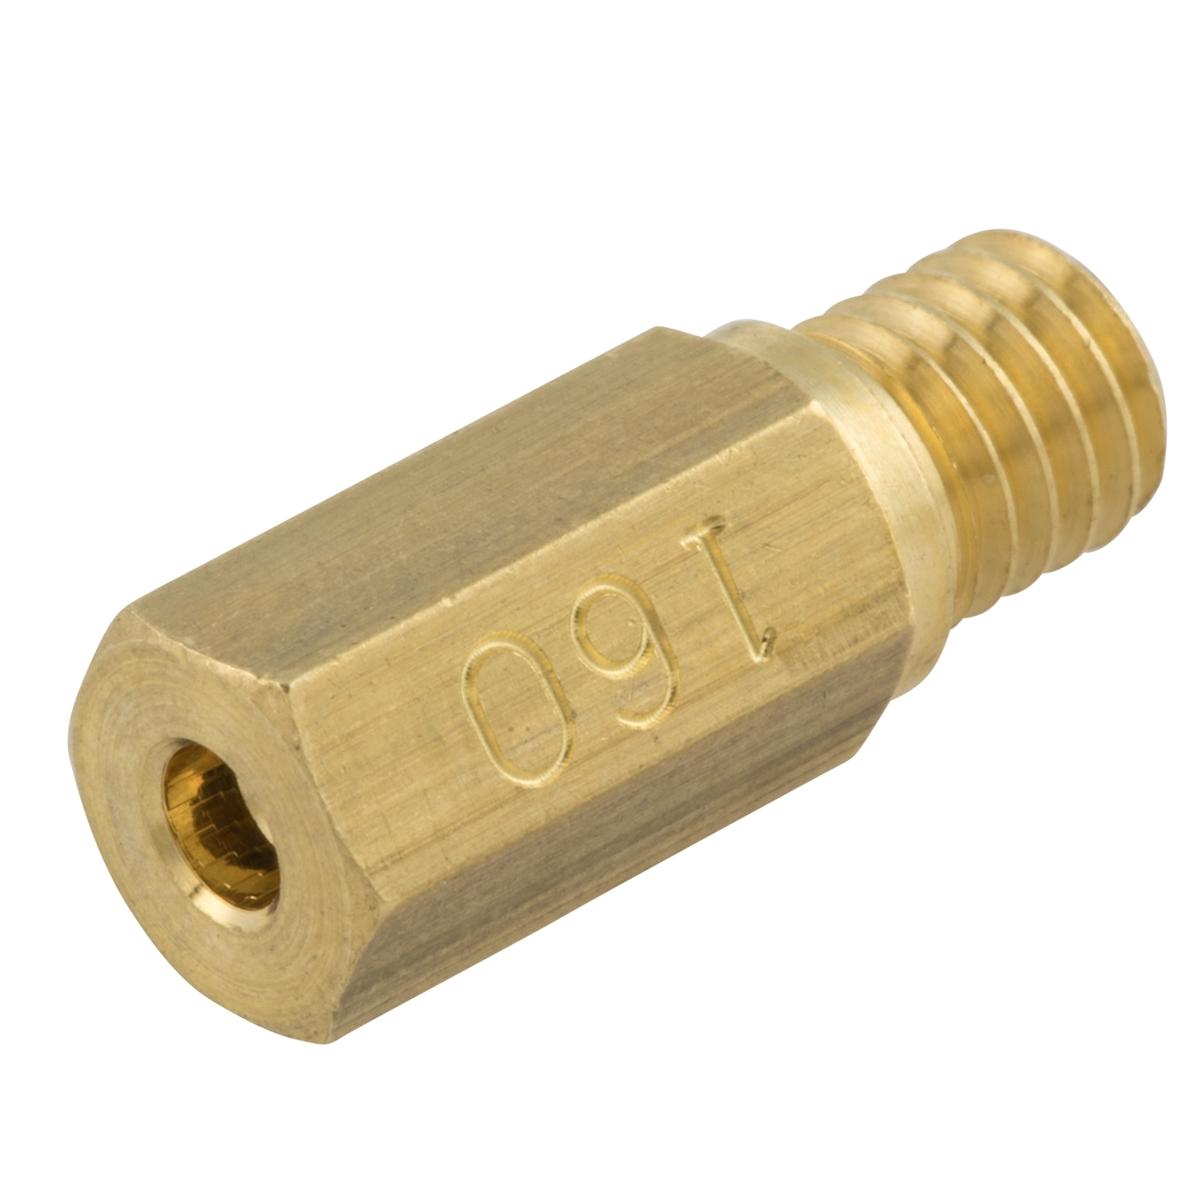 Productafbeelding voor 'Sproeier KMT 135 Ø 6 mmTitle'